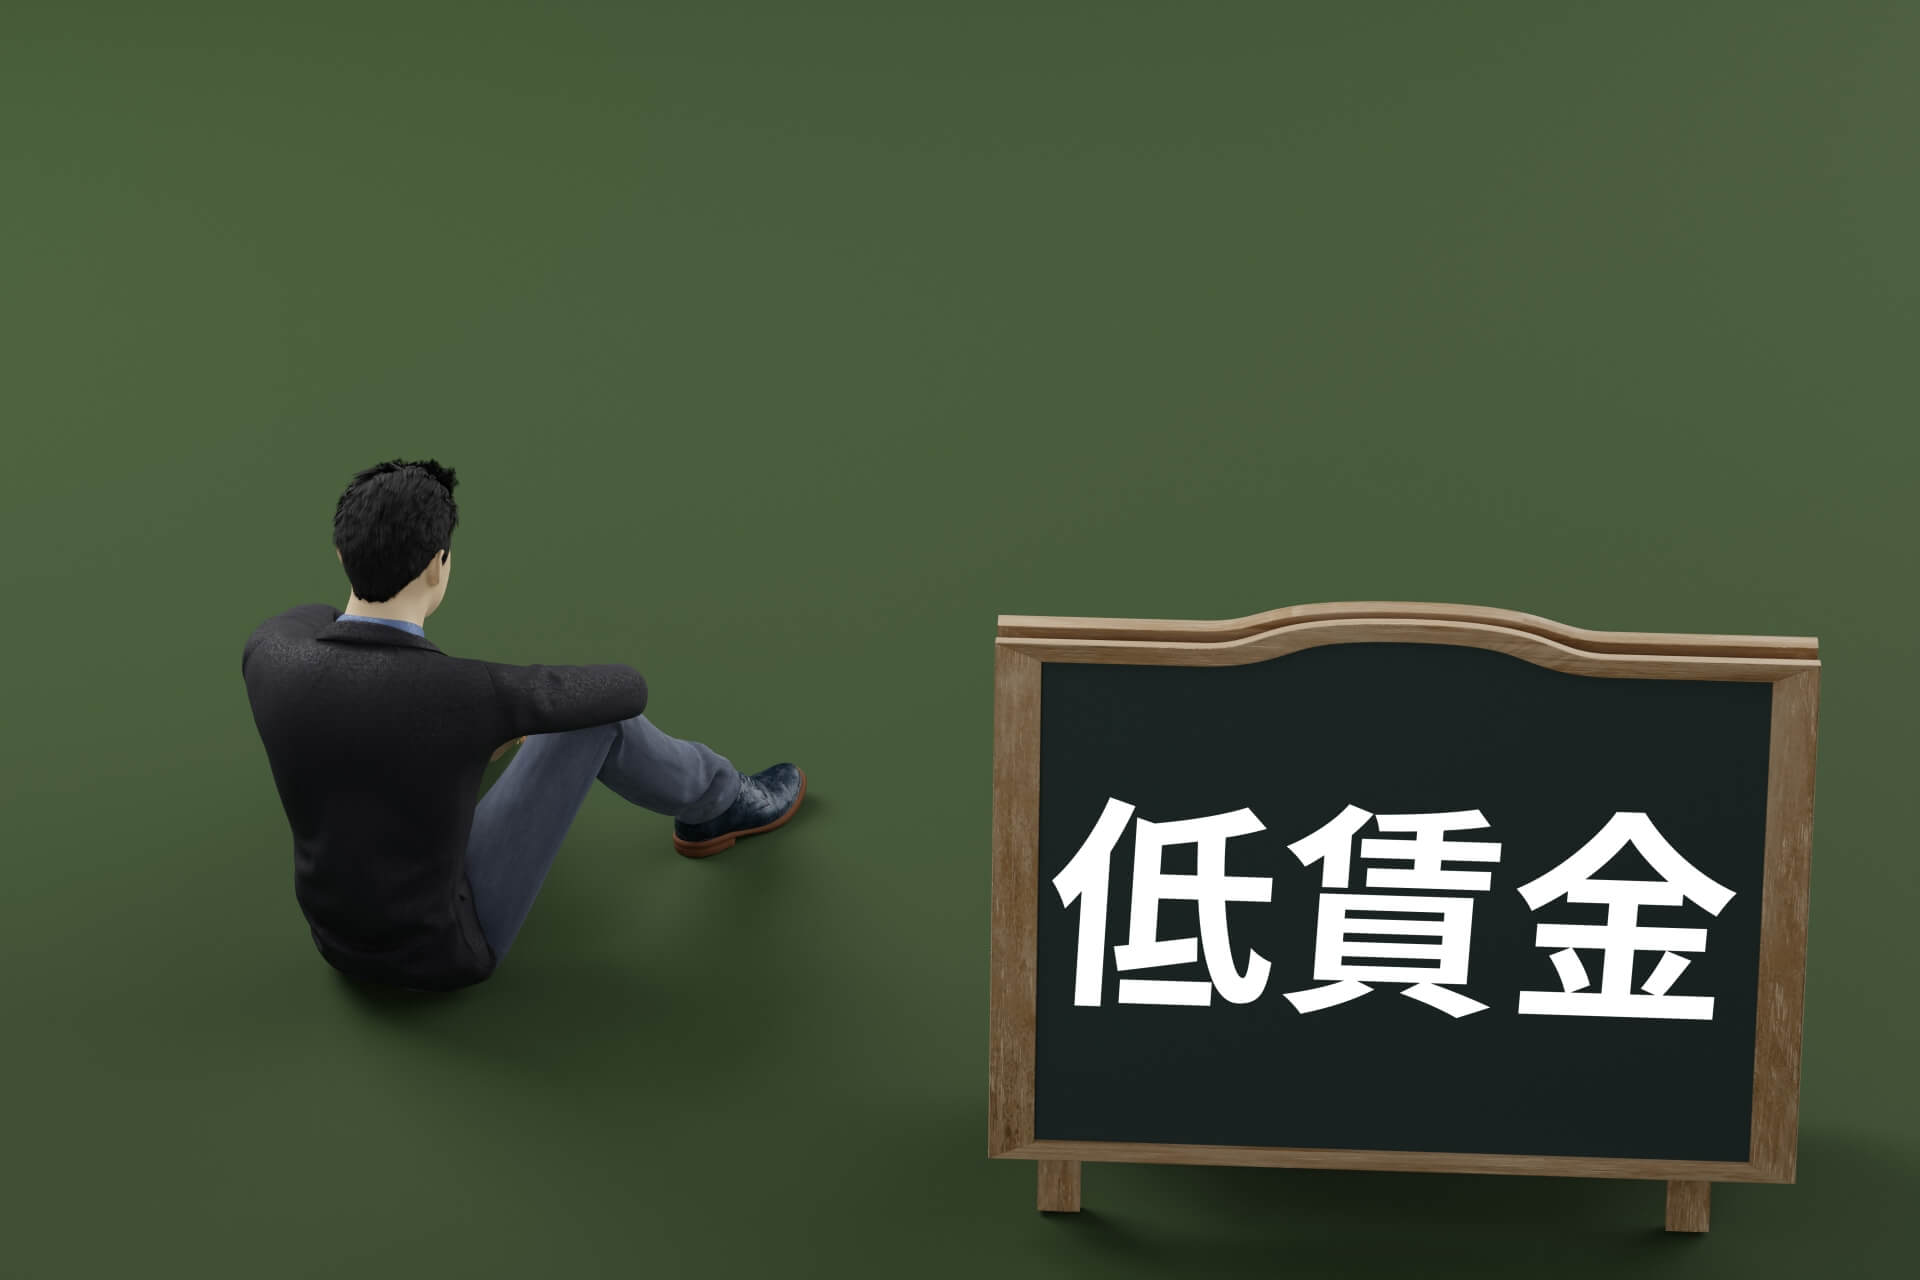 宮台真司「日本は新自由主義ではない」日本経済の停滞は続くと語る〜10月20日「大竹まこと ゴールデンラジオ」